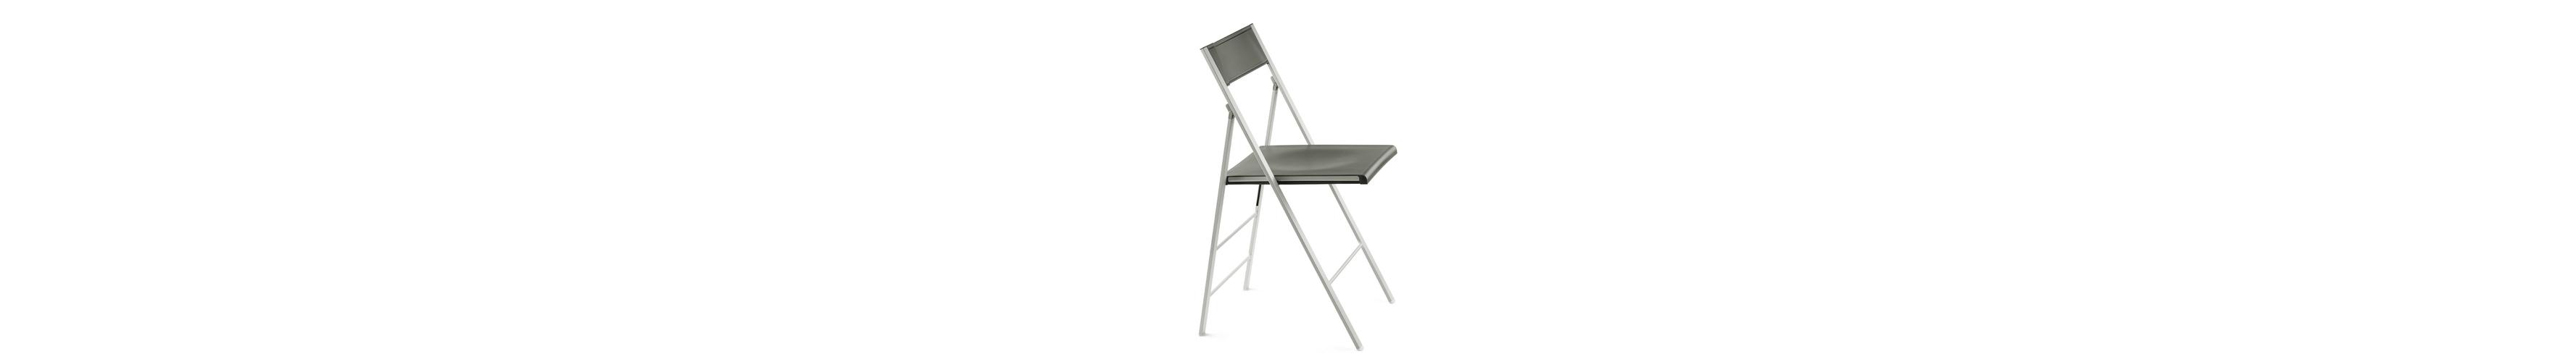 Argal stoelen distrac group totaalconcept zorgmeubilair - Tafel met chevet ...